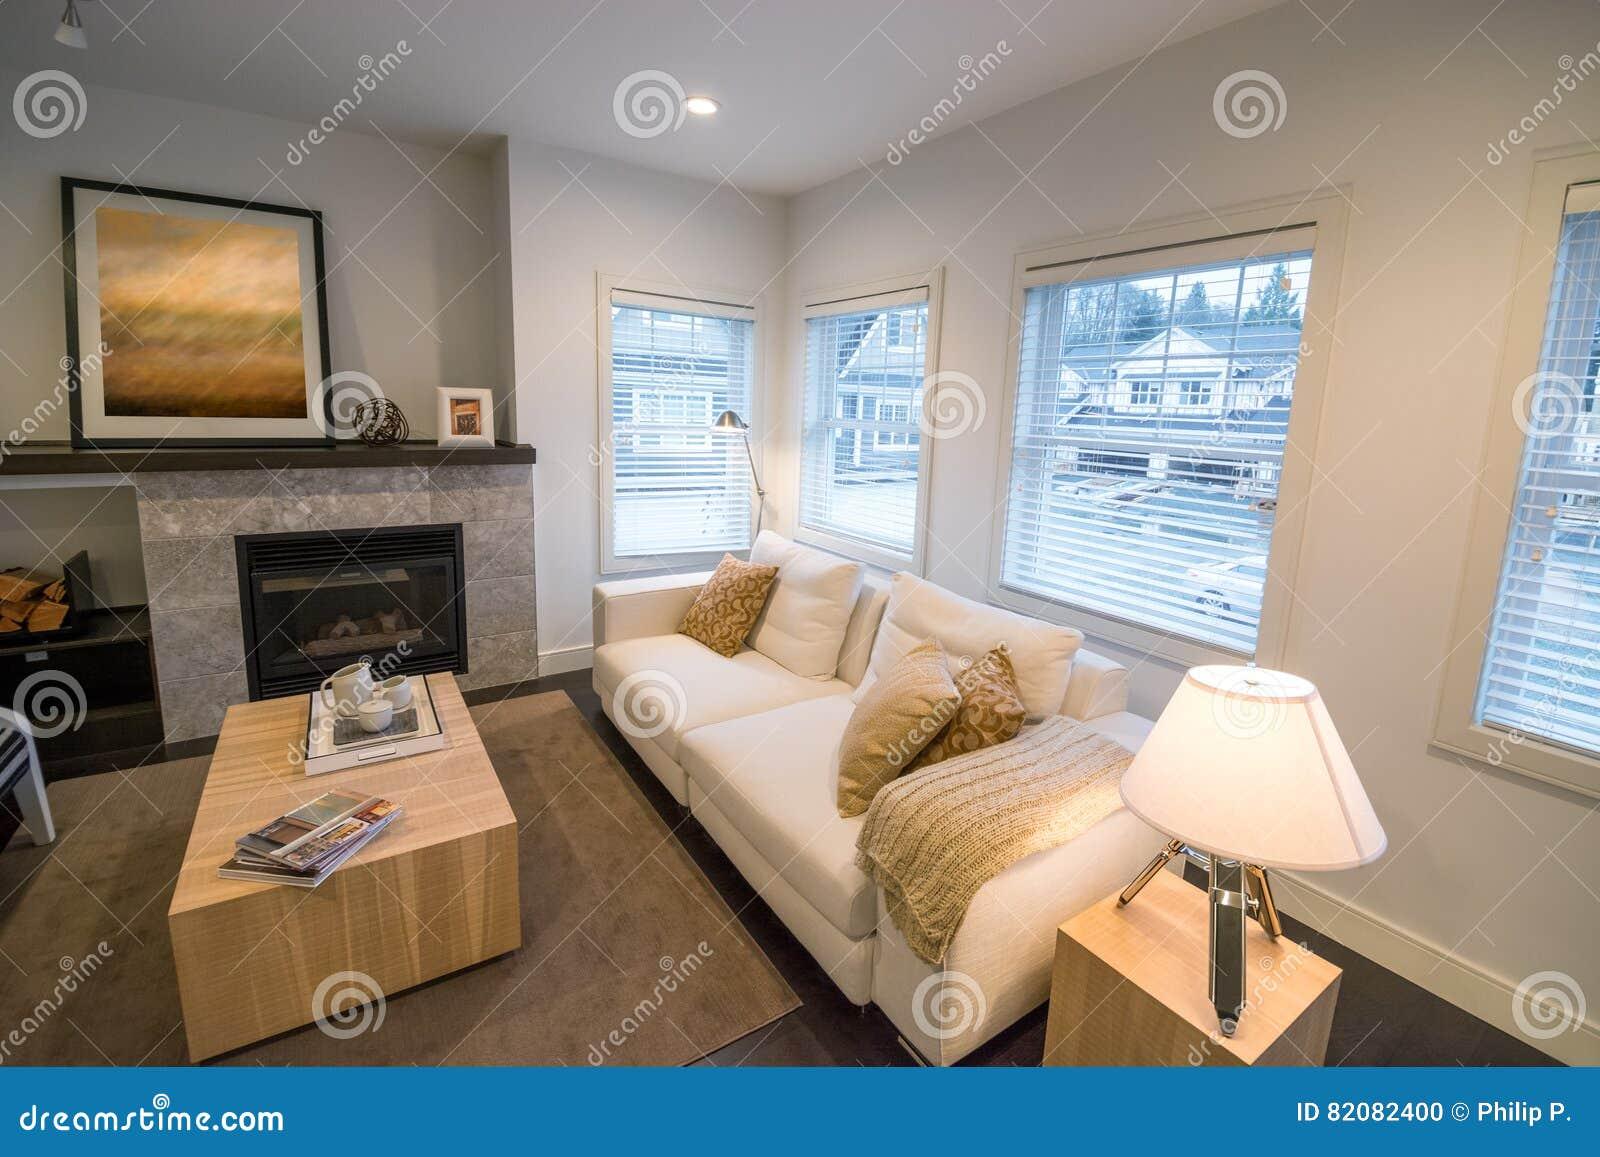 Helles Luxuswohnzimmer Mit Einem Kamin Stockfoto Bild Von Kamin Luxuswohnzimmer 82082400